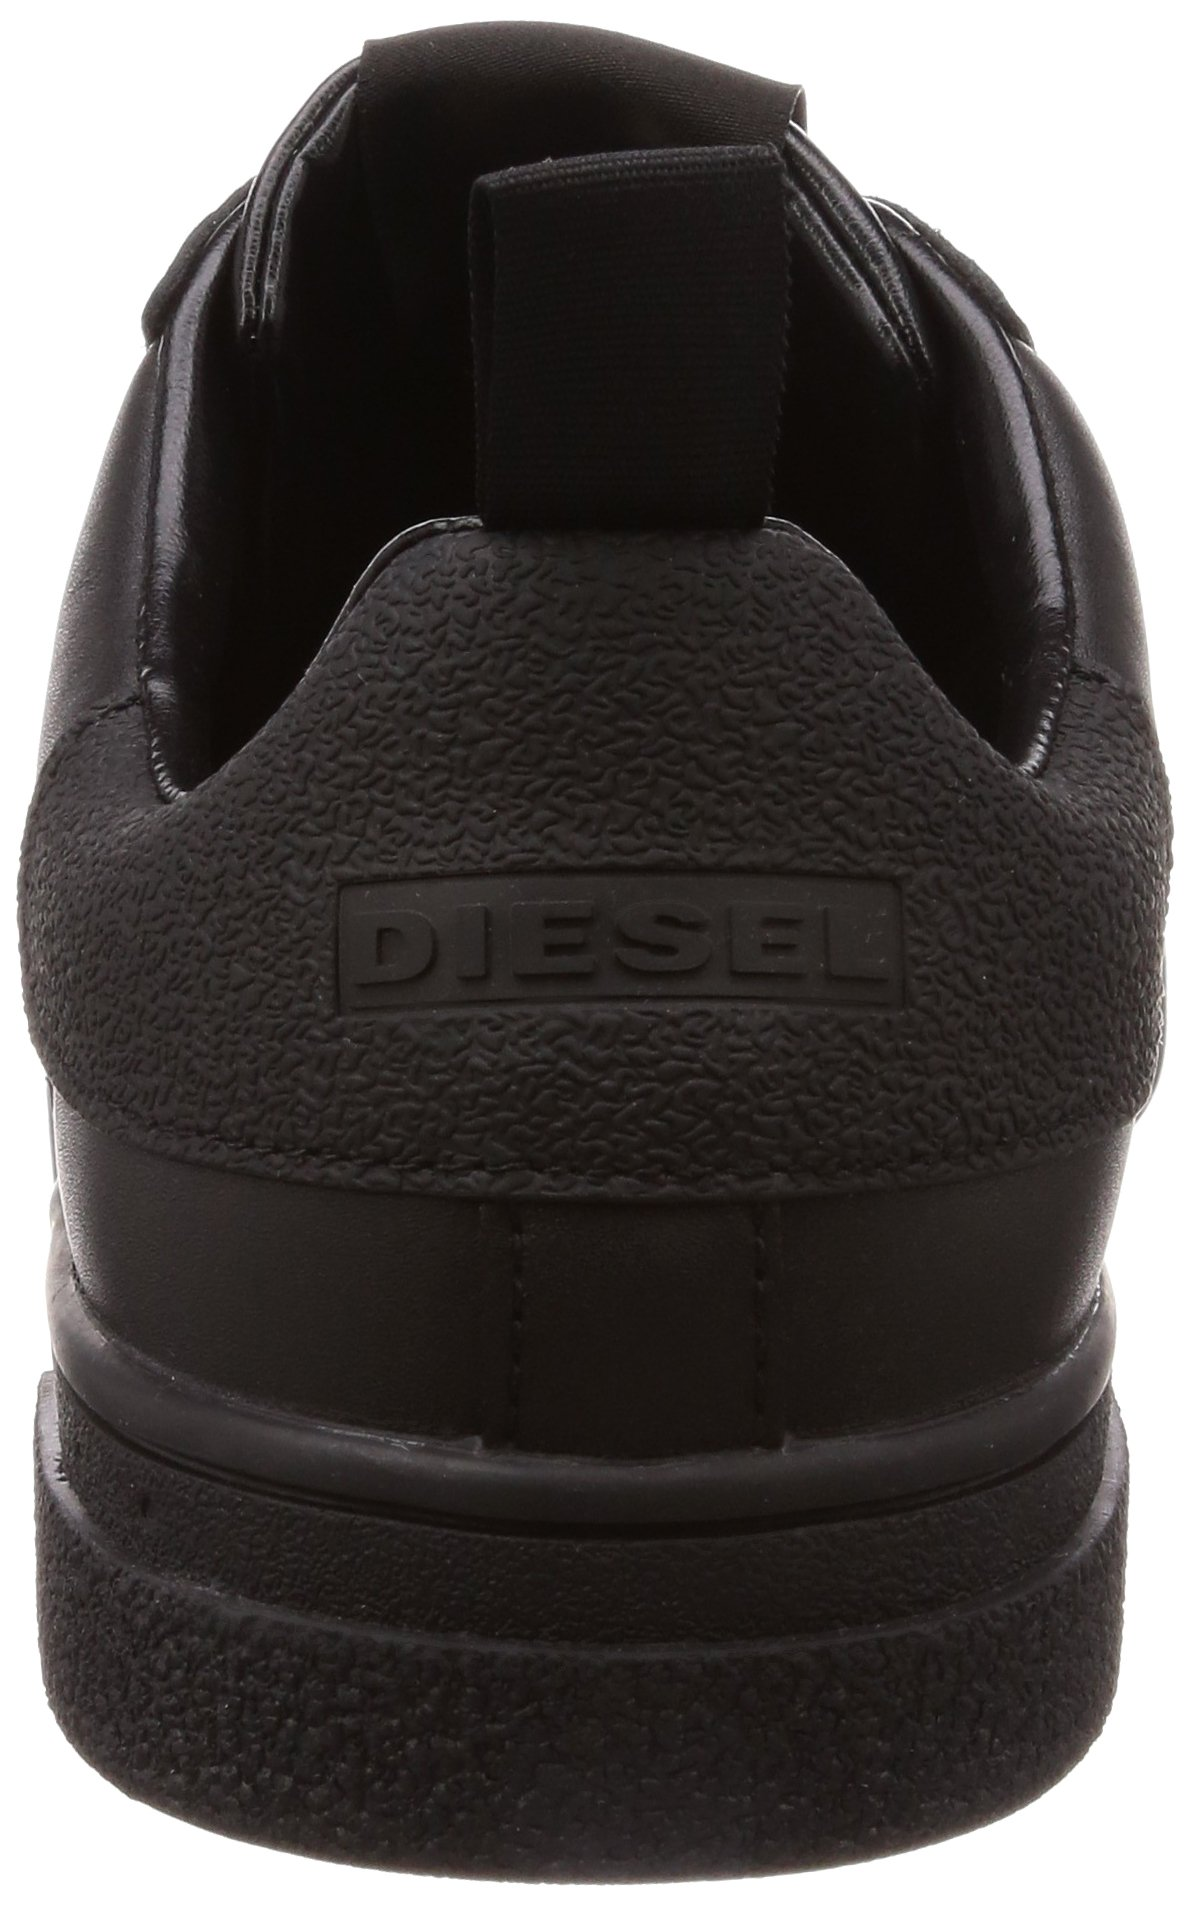 Diesel Men's S-Clever Low-Sneakers Black, 8 M US by Diesel (Image #2)